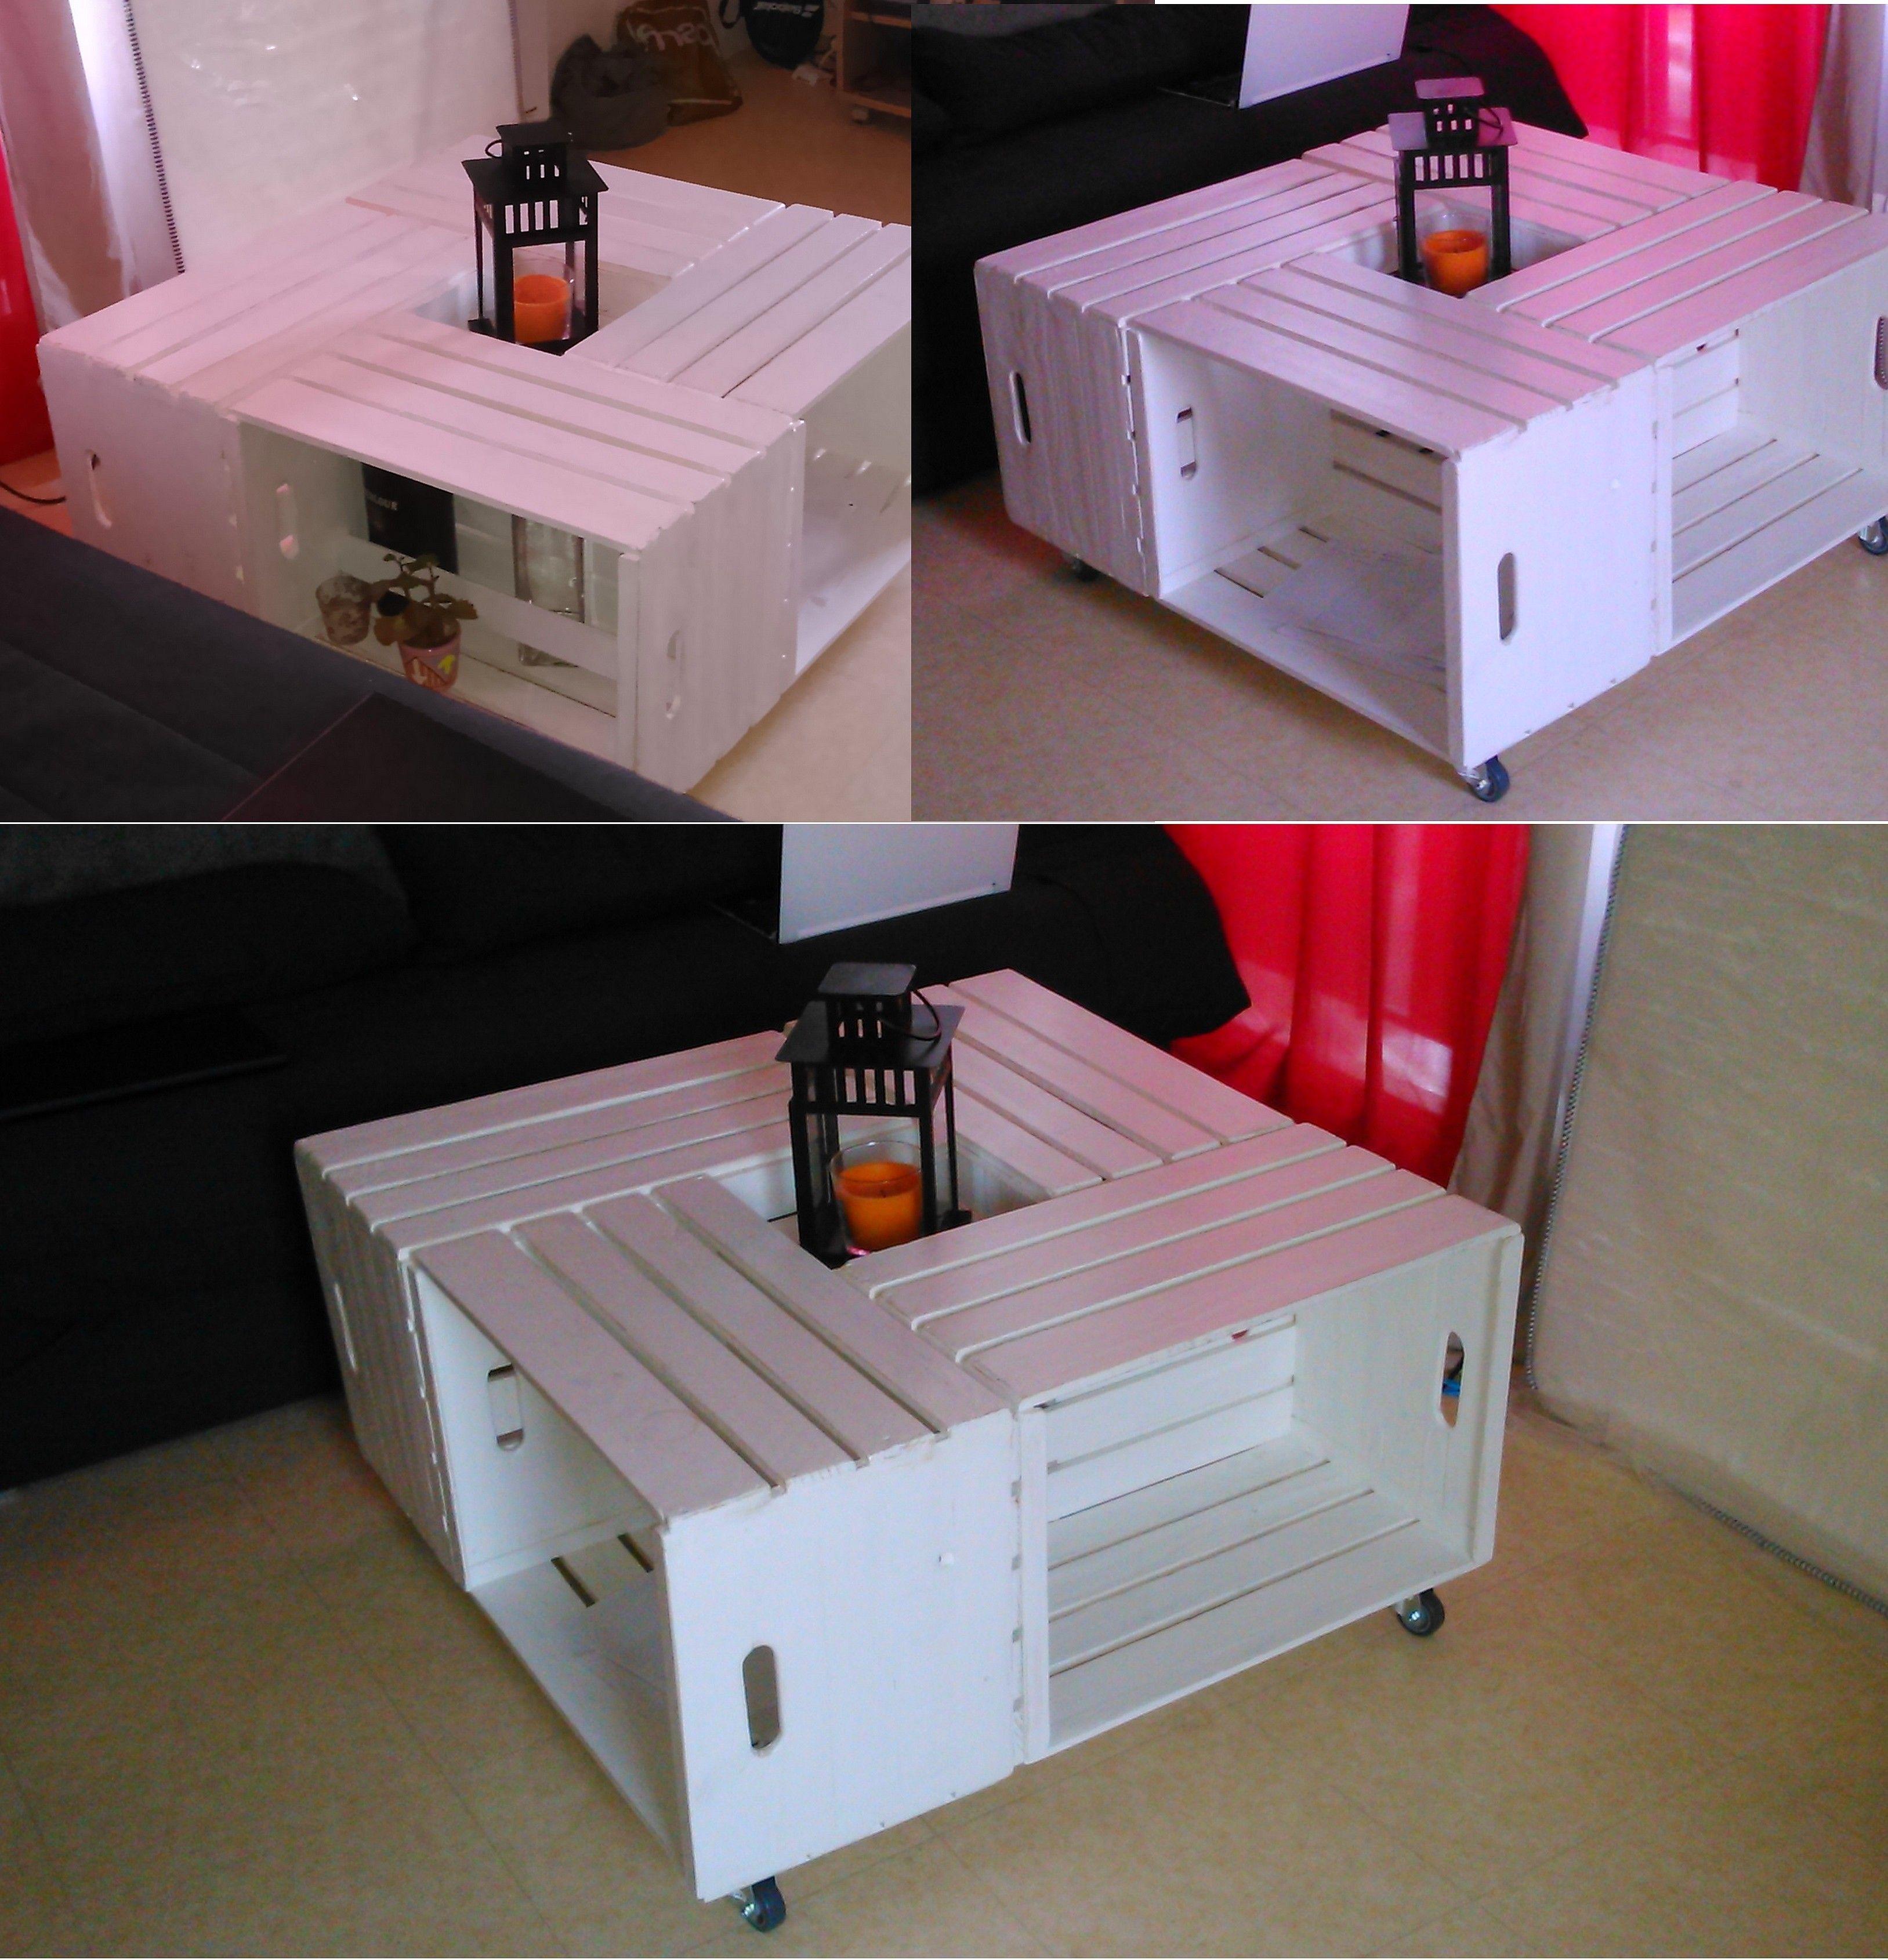 Table Basse Avec Caisse A Vin table basse trop coolpapa coulonnier :) fabriquée avec